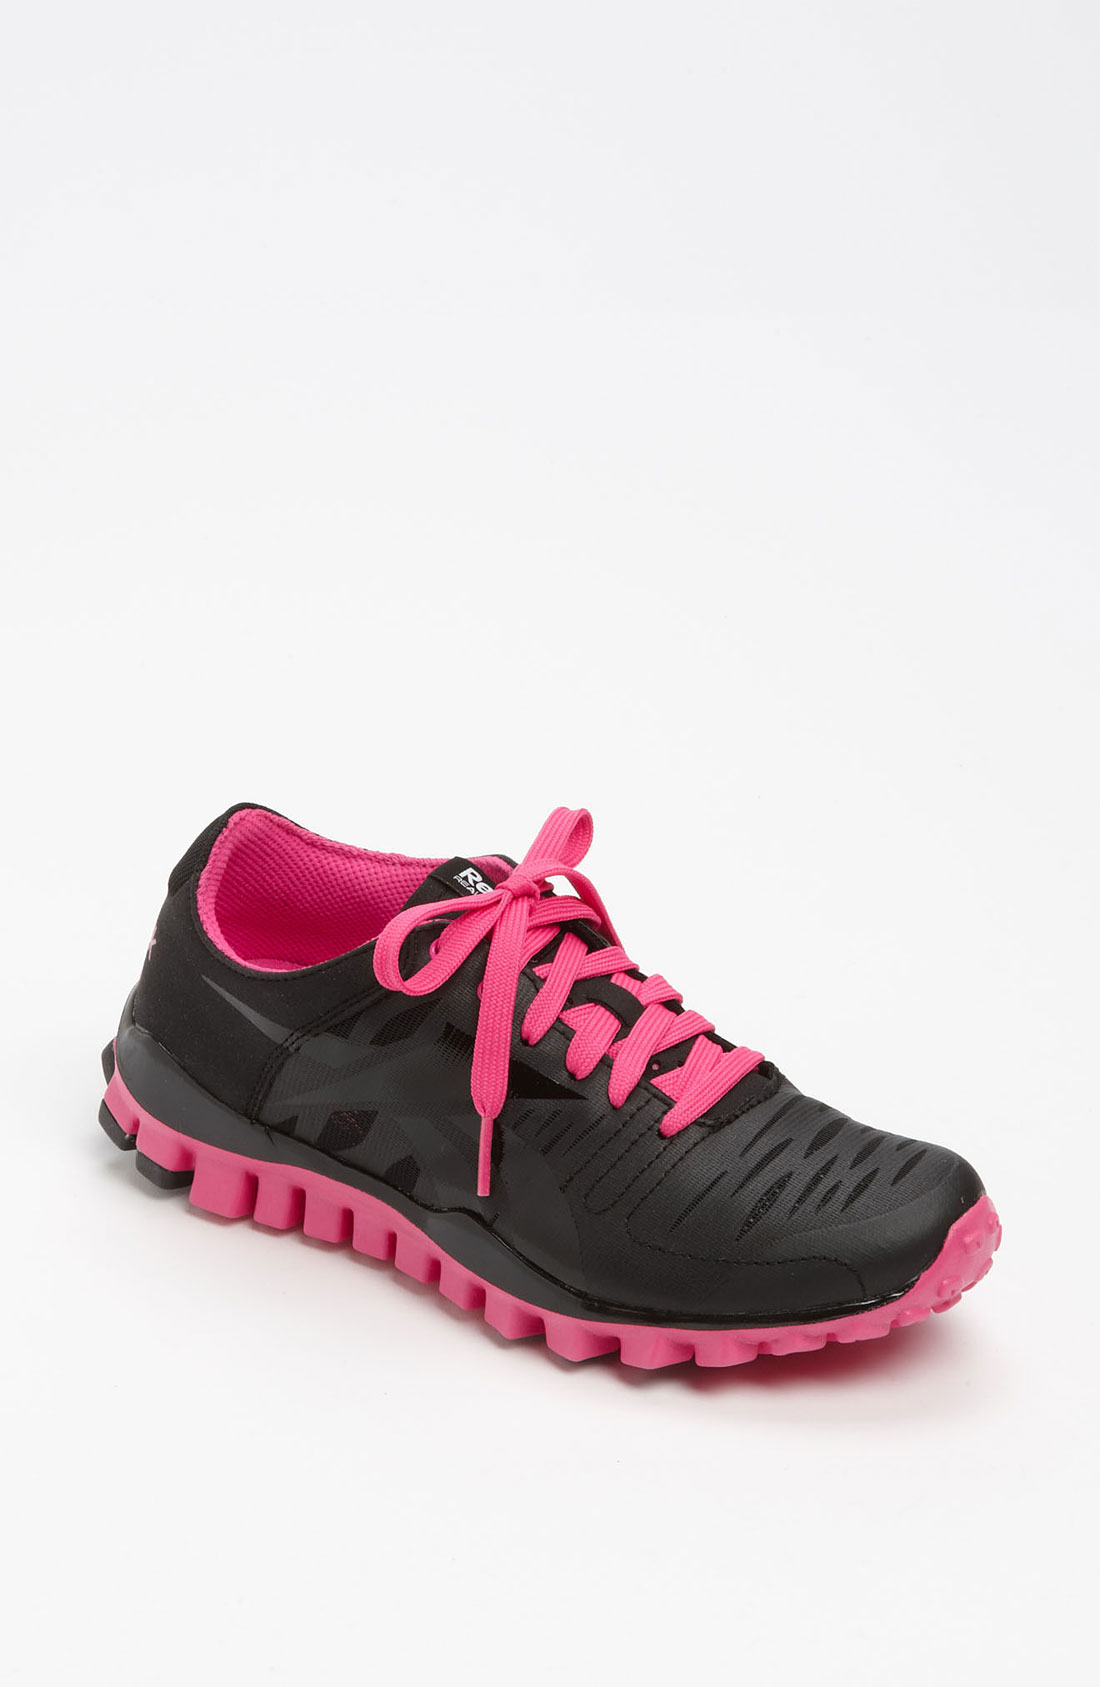 Reebok Realflex Fusion Training Shoe in Black | Lyst